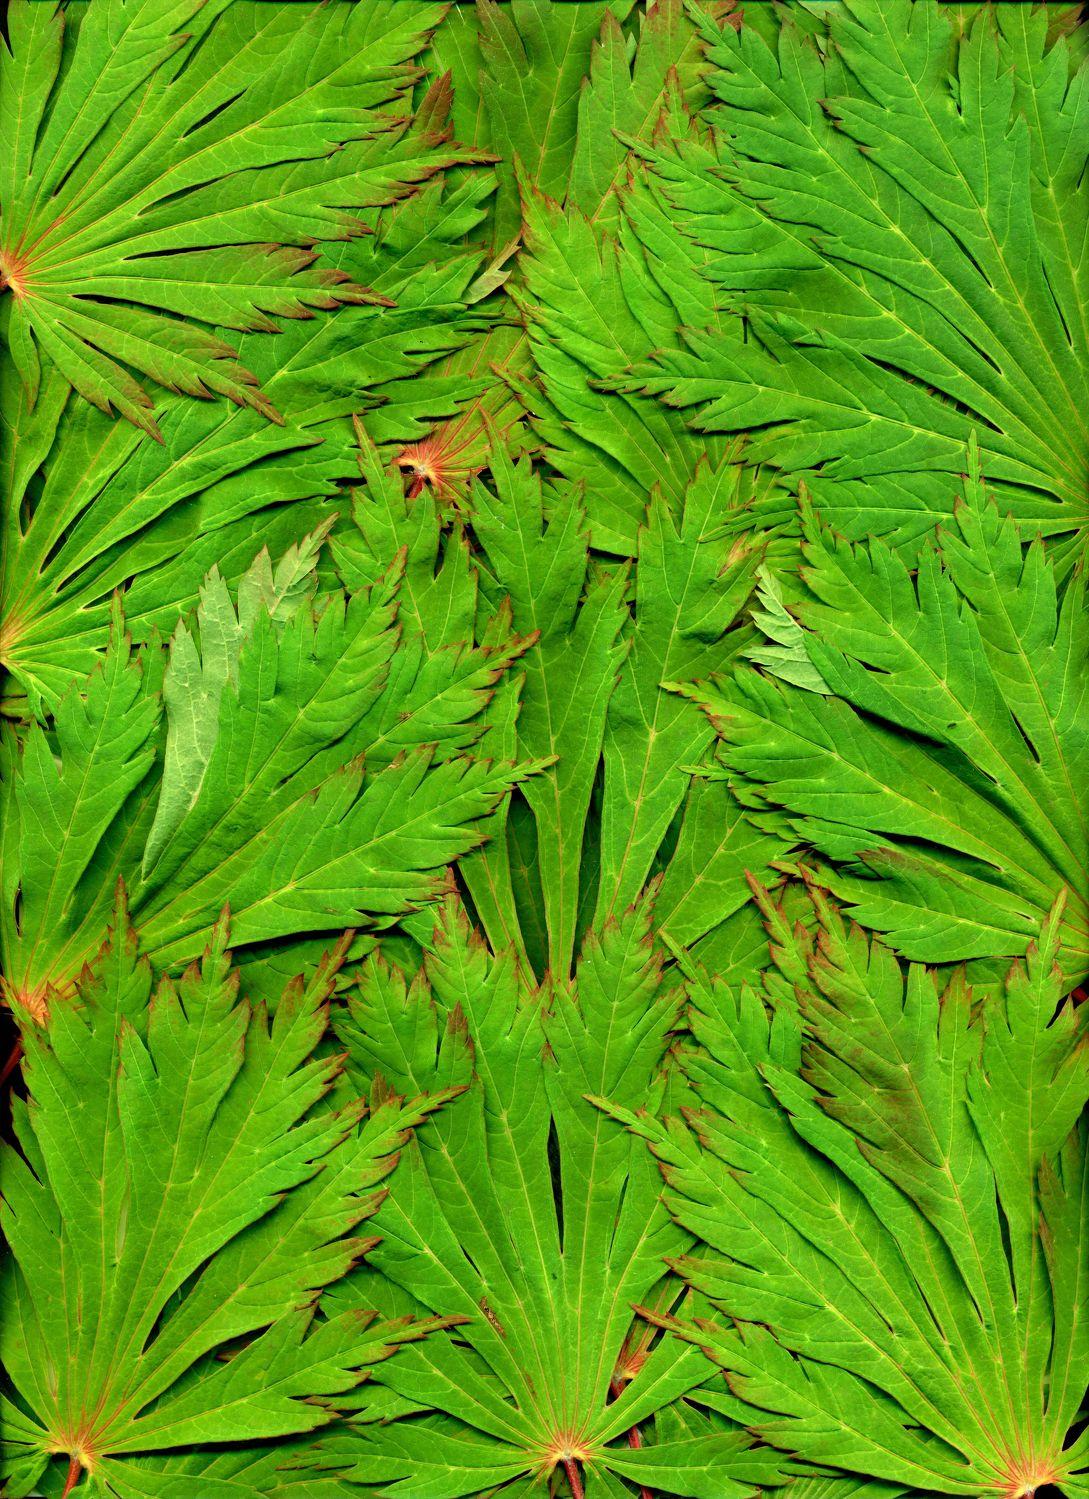 Bild mit Farben, Natur, Grün, Pflanzen, Blumen, Blätter